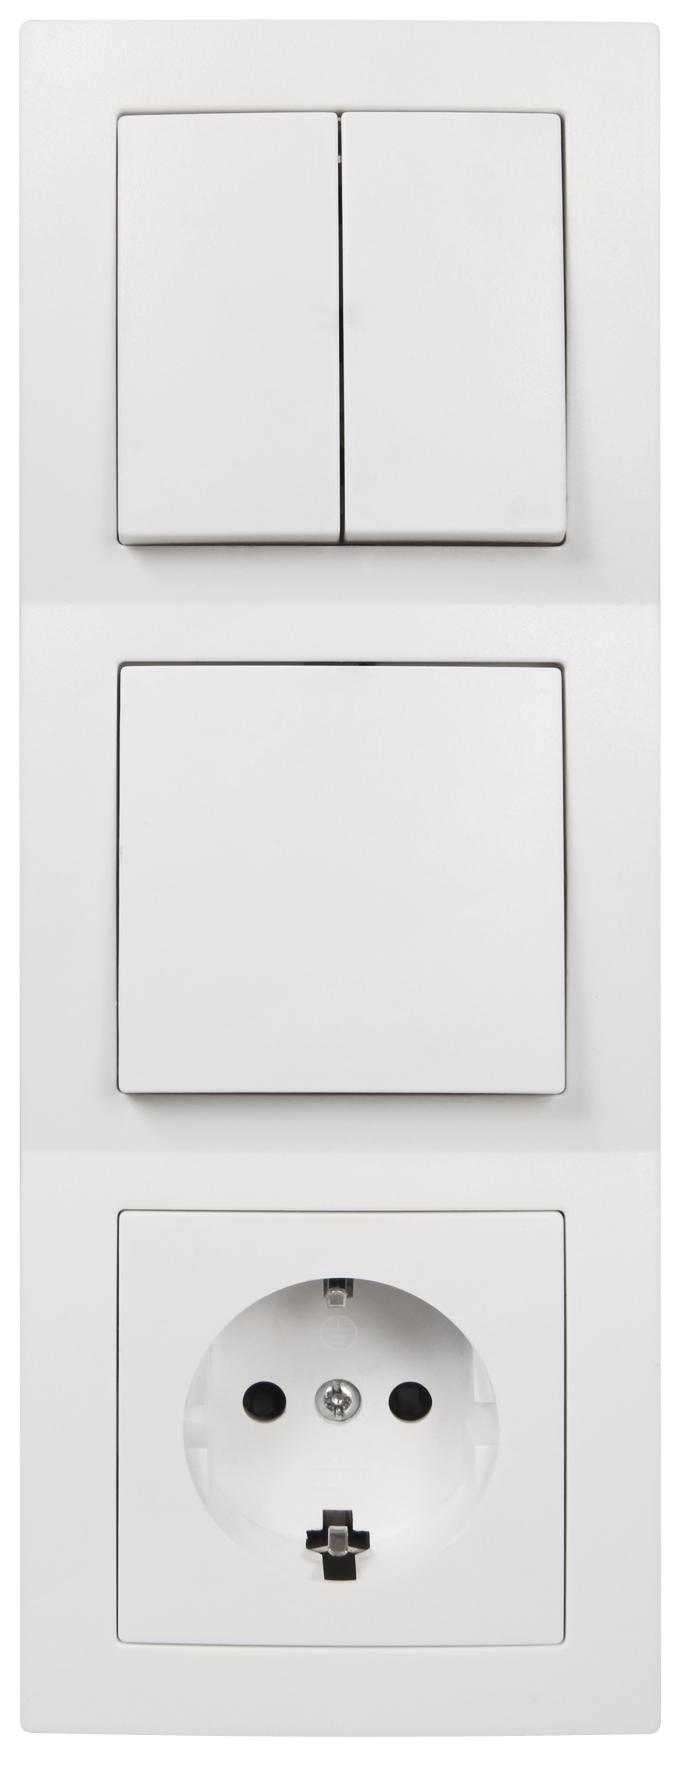 Schalter und Steckdosen Set McPower Flair ''Tür 3-fach'', weiß, 4-teilig